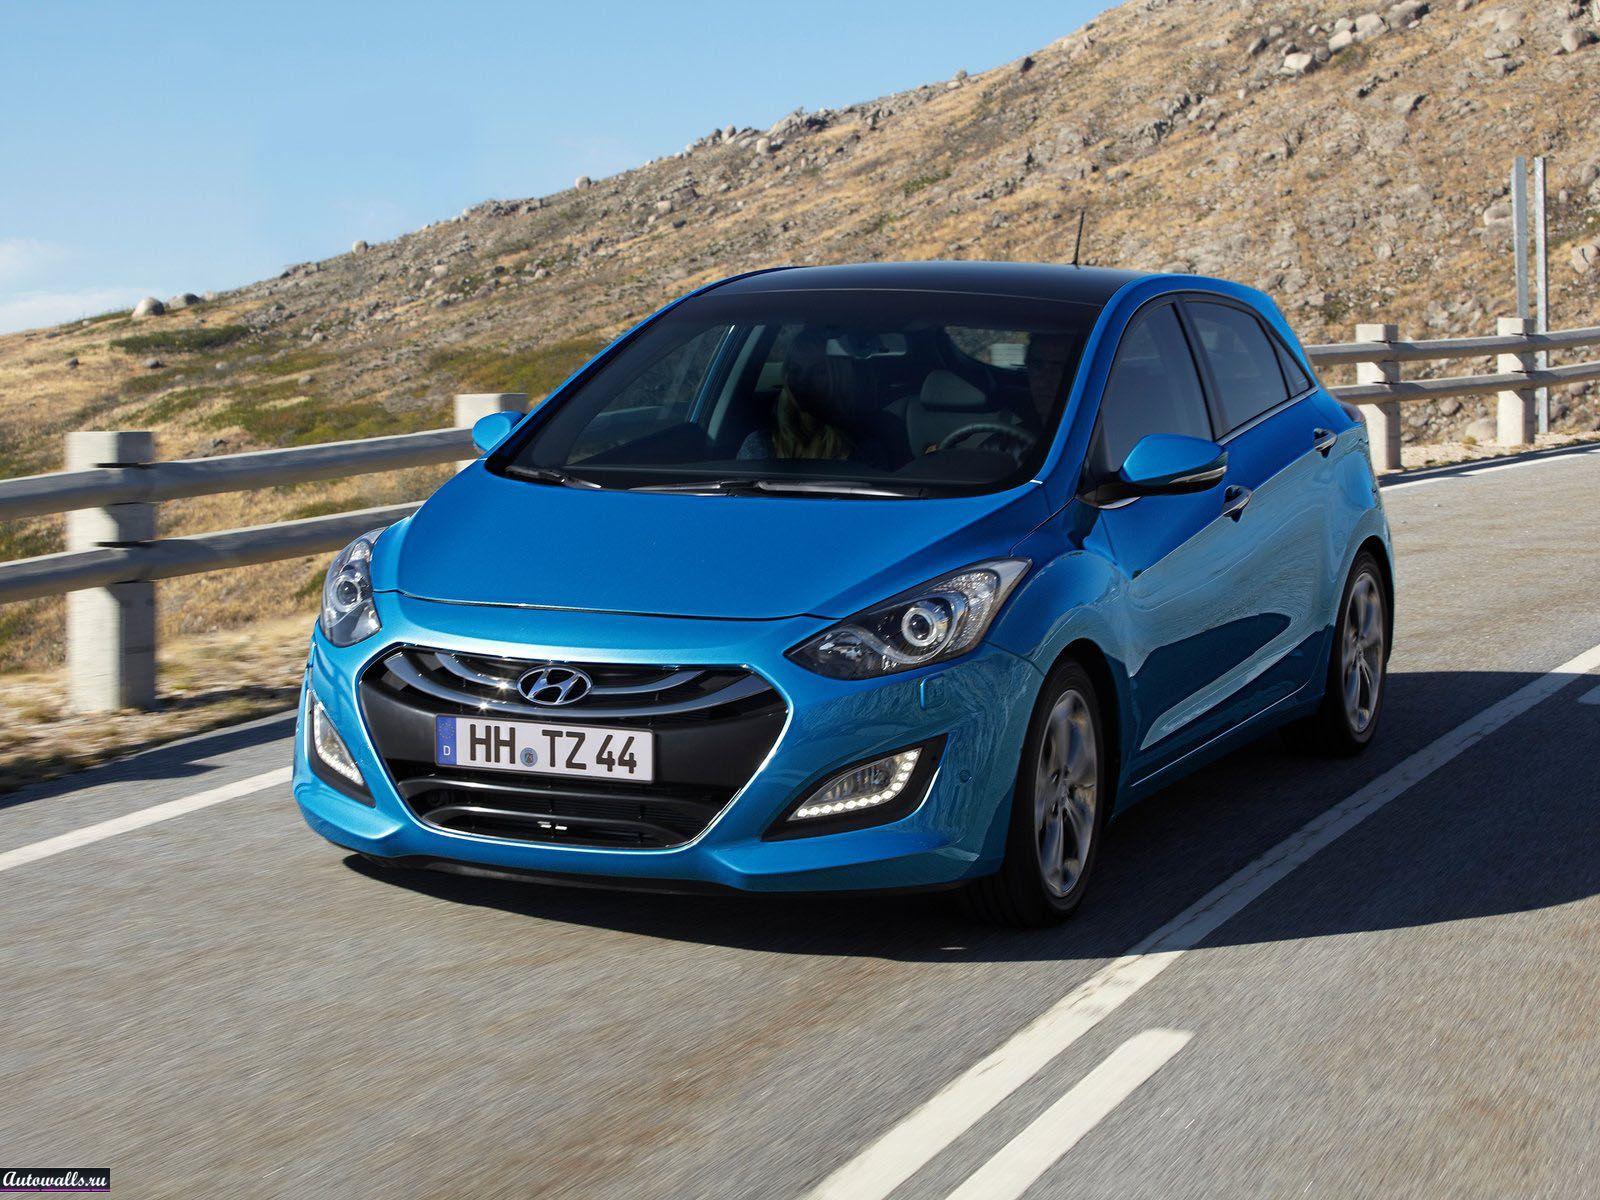 Новый Hyundai i30 получил систему Flex Steer, имеющую три режима